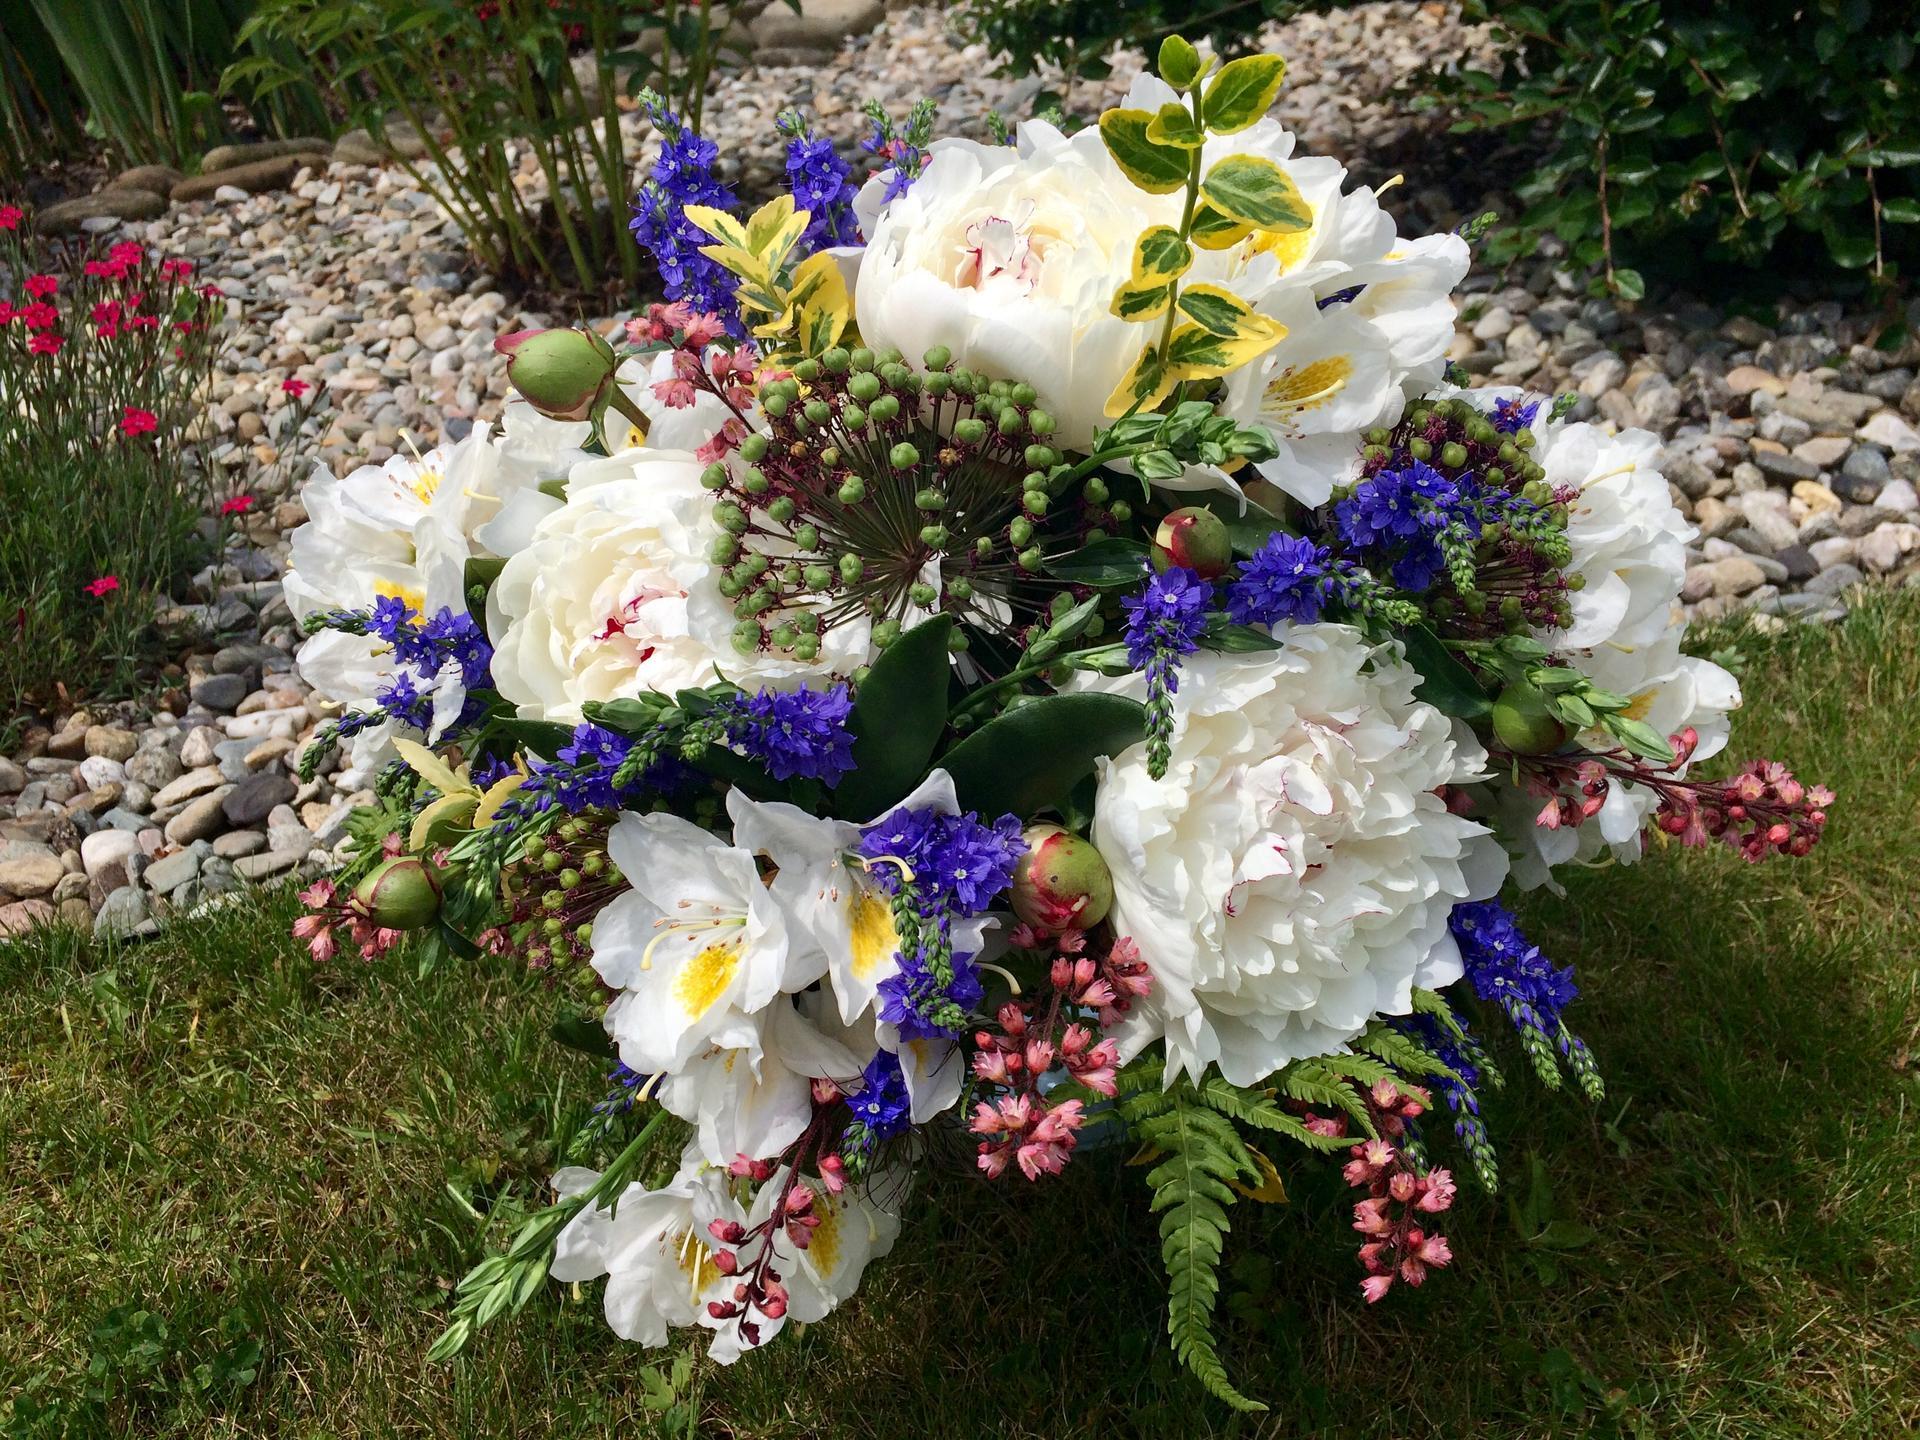 Dekorace z květin Pro radost - Druhá větší  ... kdyz kvetou pivoňky, ronďáky, rozrazily, dlužichy ... žlutí brslen a zelení se kapradí